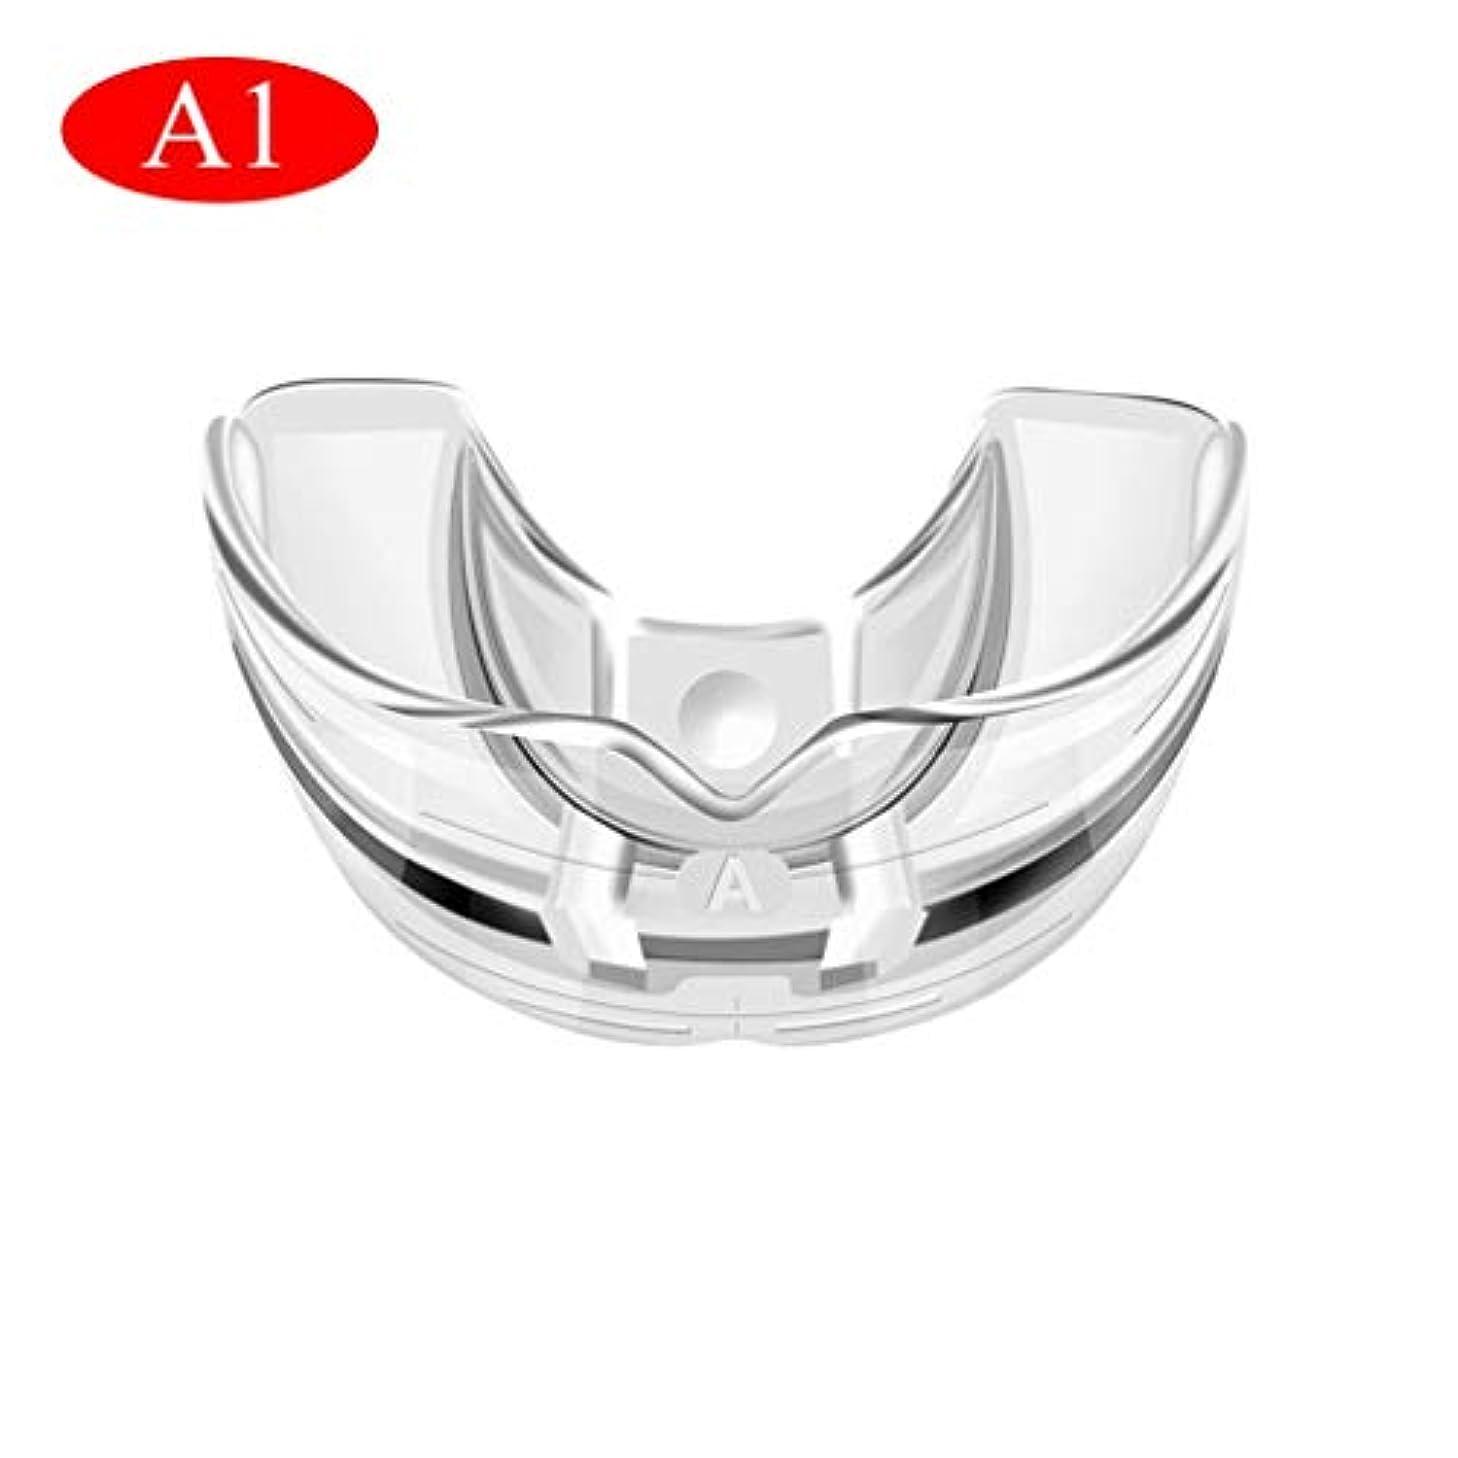 好み枕メニュー歯列矯正器具、歯の状態に応じた3段階/透明で柔らかい、そして硬い歯科用マウスガード歯列矯正器具(透明)